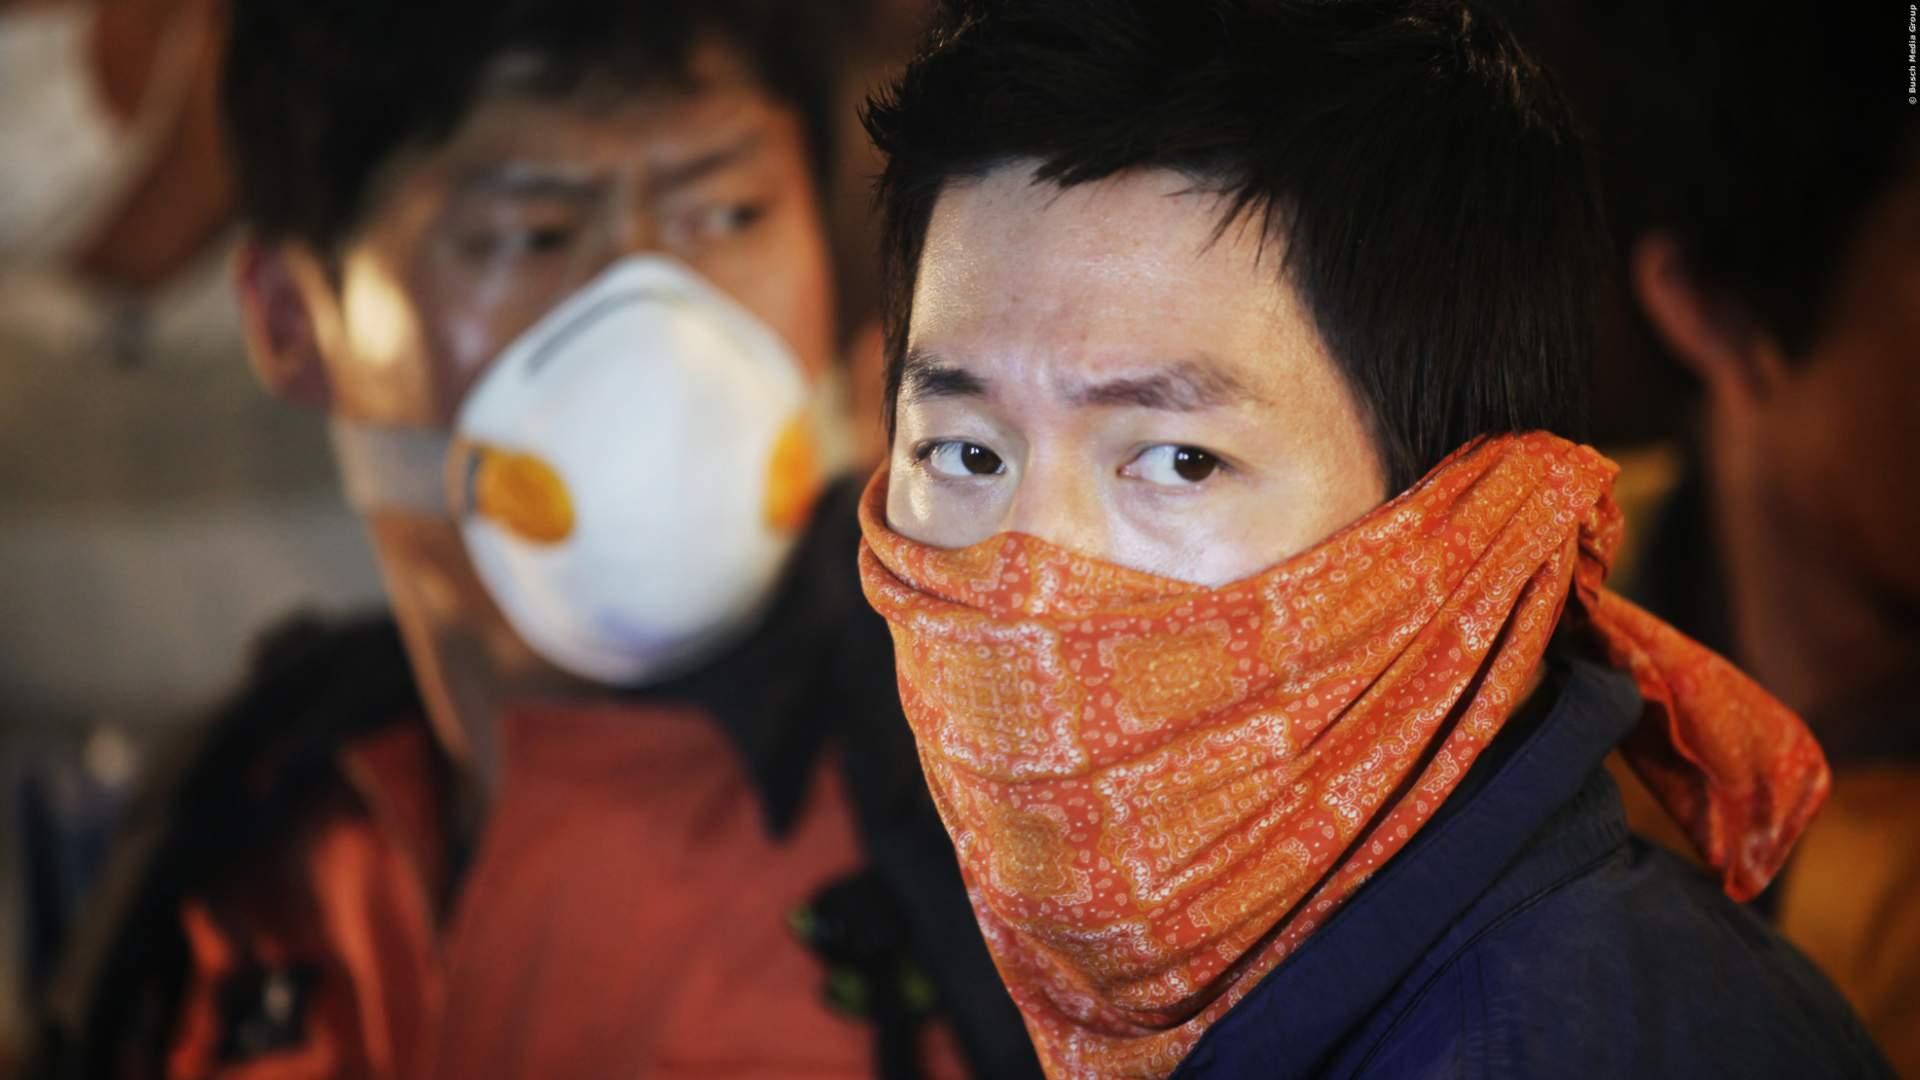 PANDEMIE: Trailer zum gleichnamigen Katastrophenfilm aus Südkorea